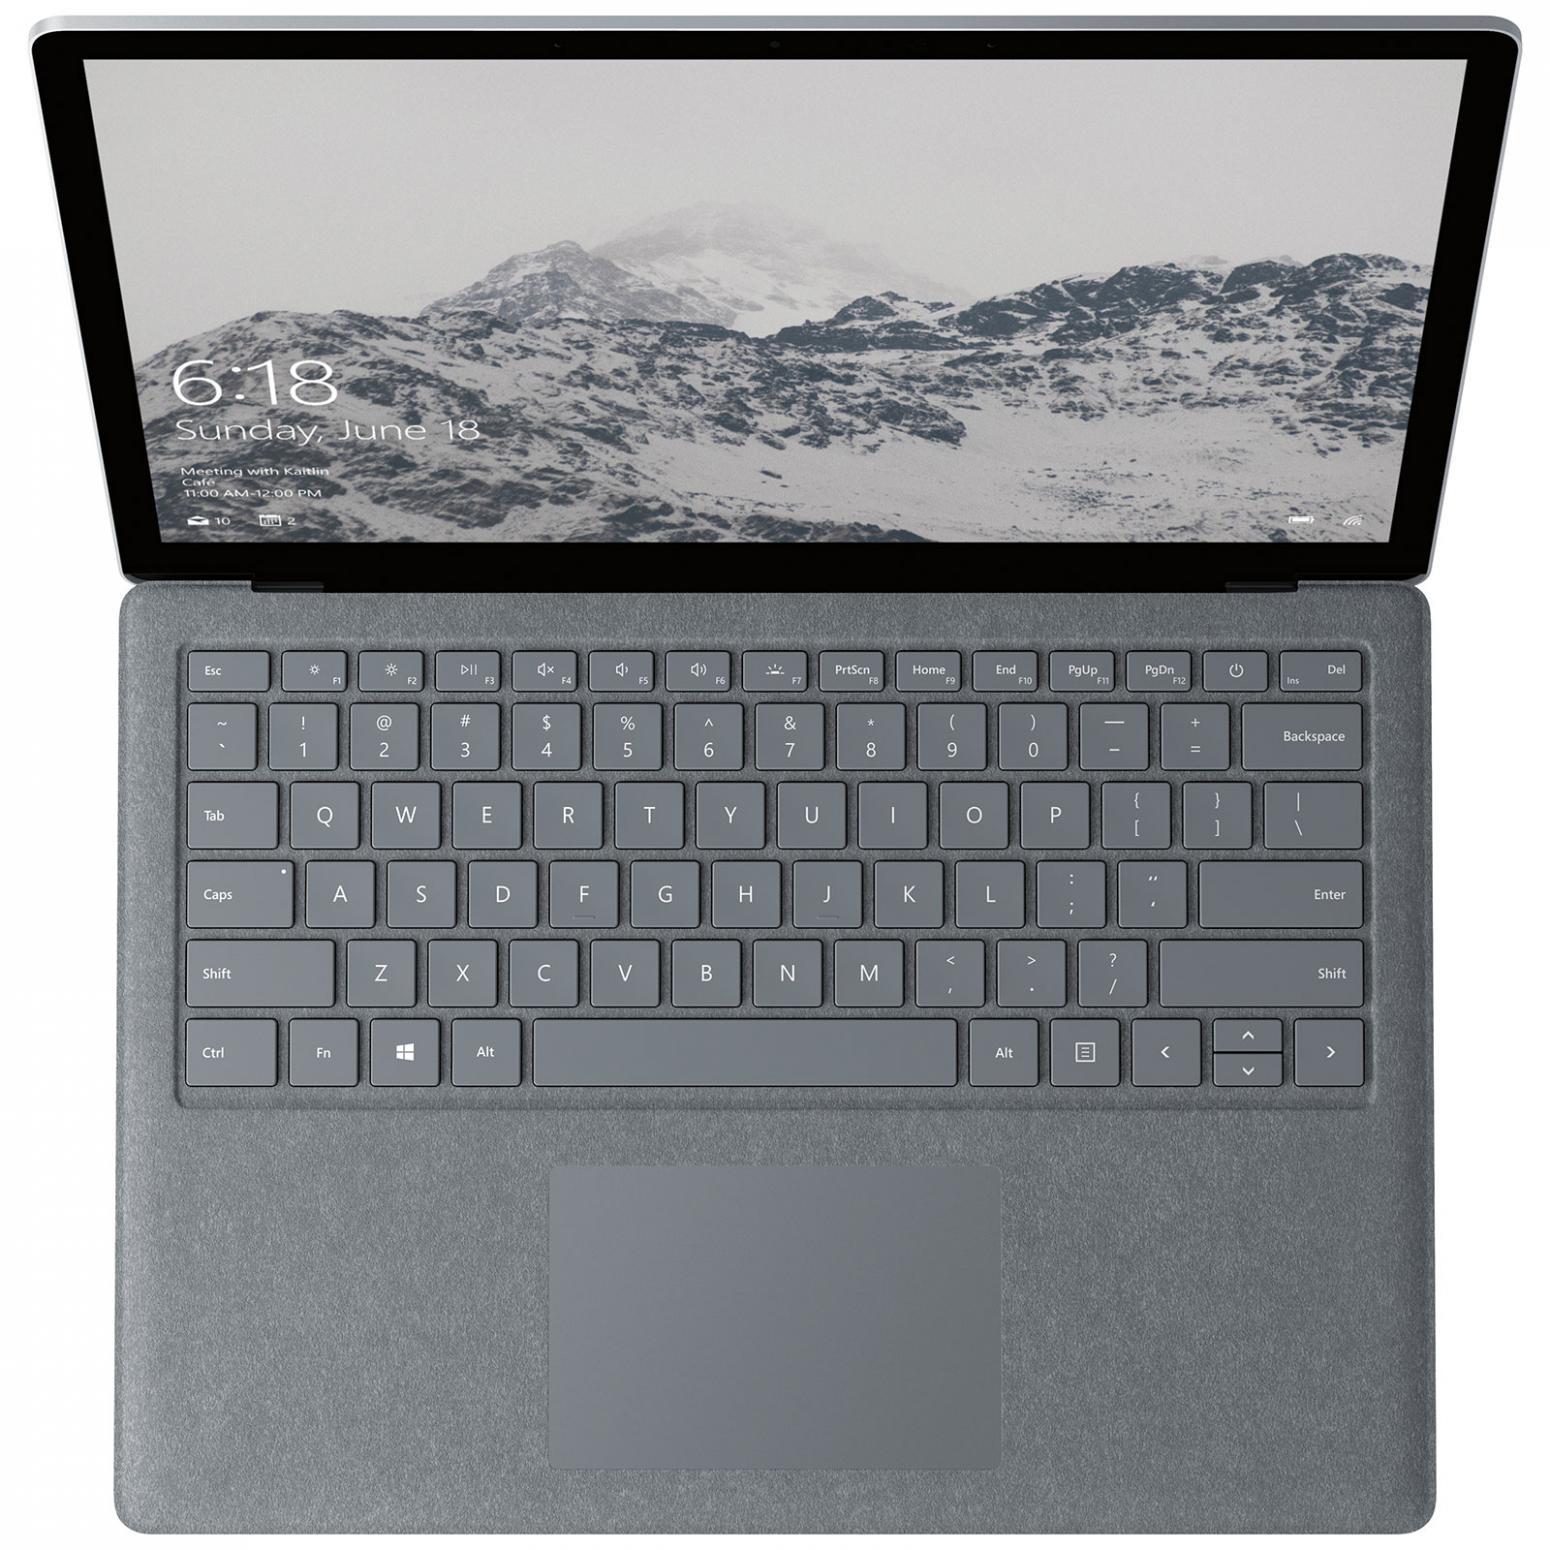 Image du PC portable Microsoft Surface Laptop - Core i5, 8 Go, 128 Go tactile